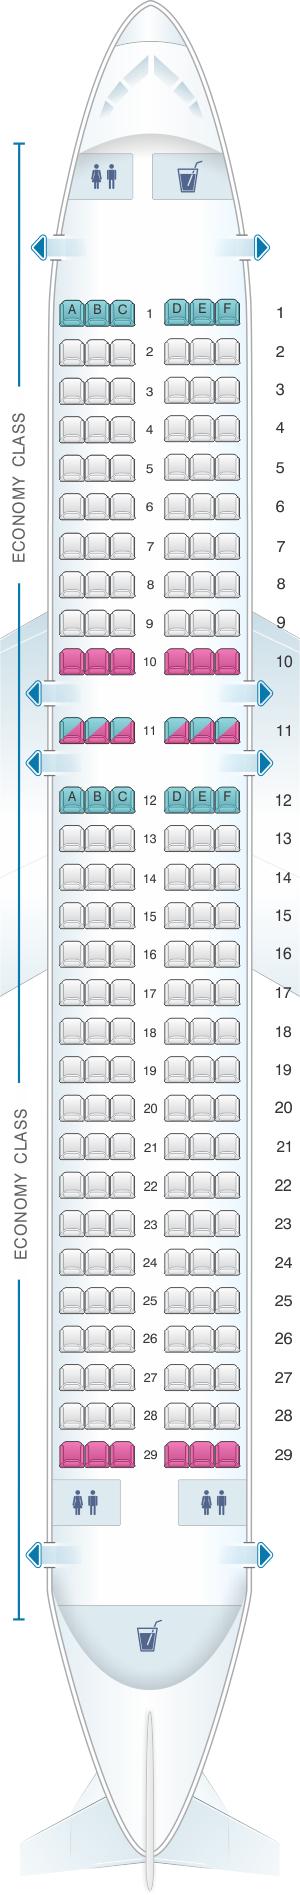 Seat map for Virgin Atlantic Airbus A320 200